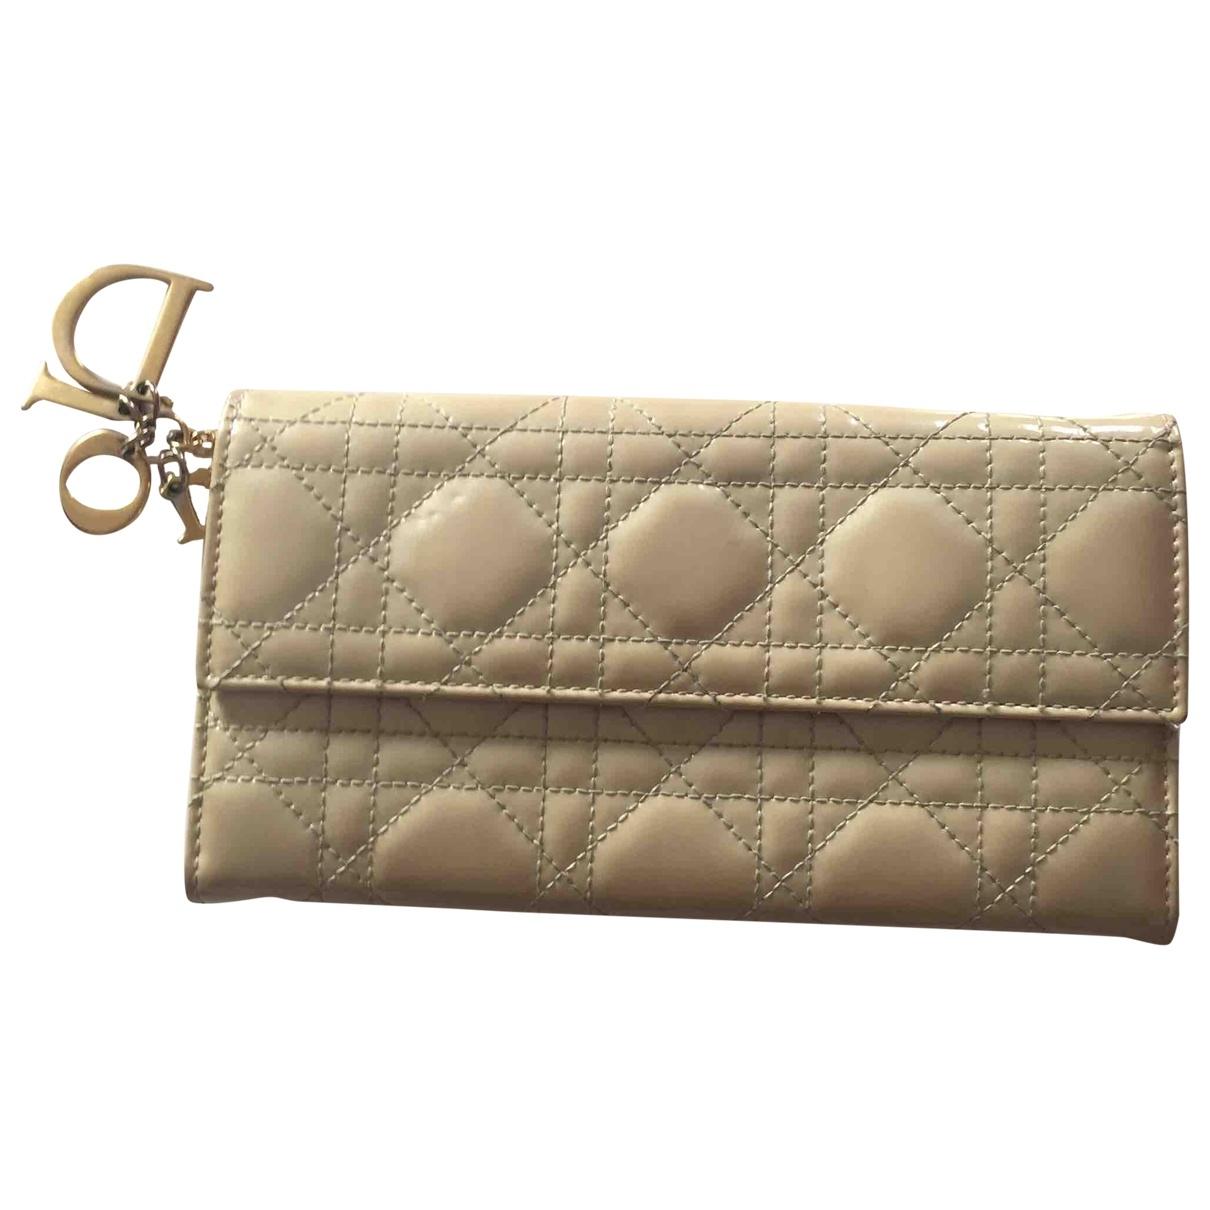 Dior - Portefeuille Lady Dior pour femme en cuir verni - beige